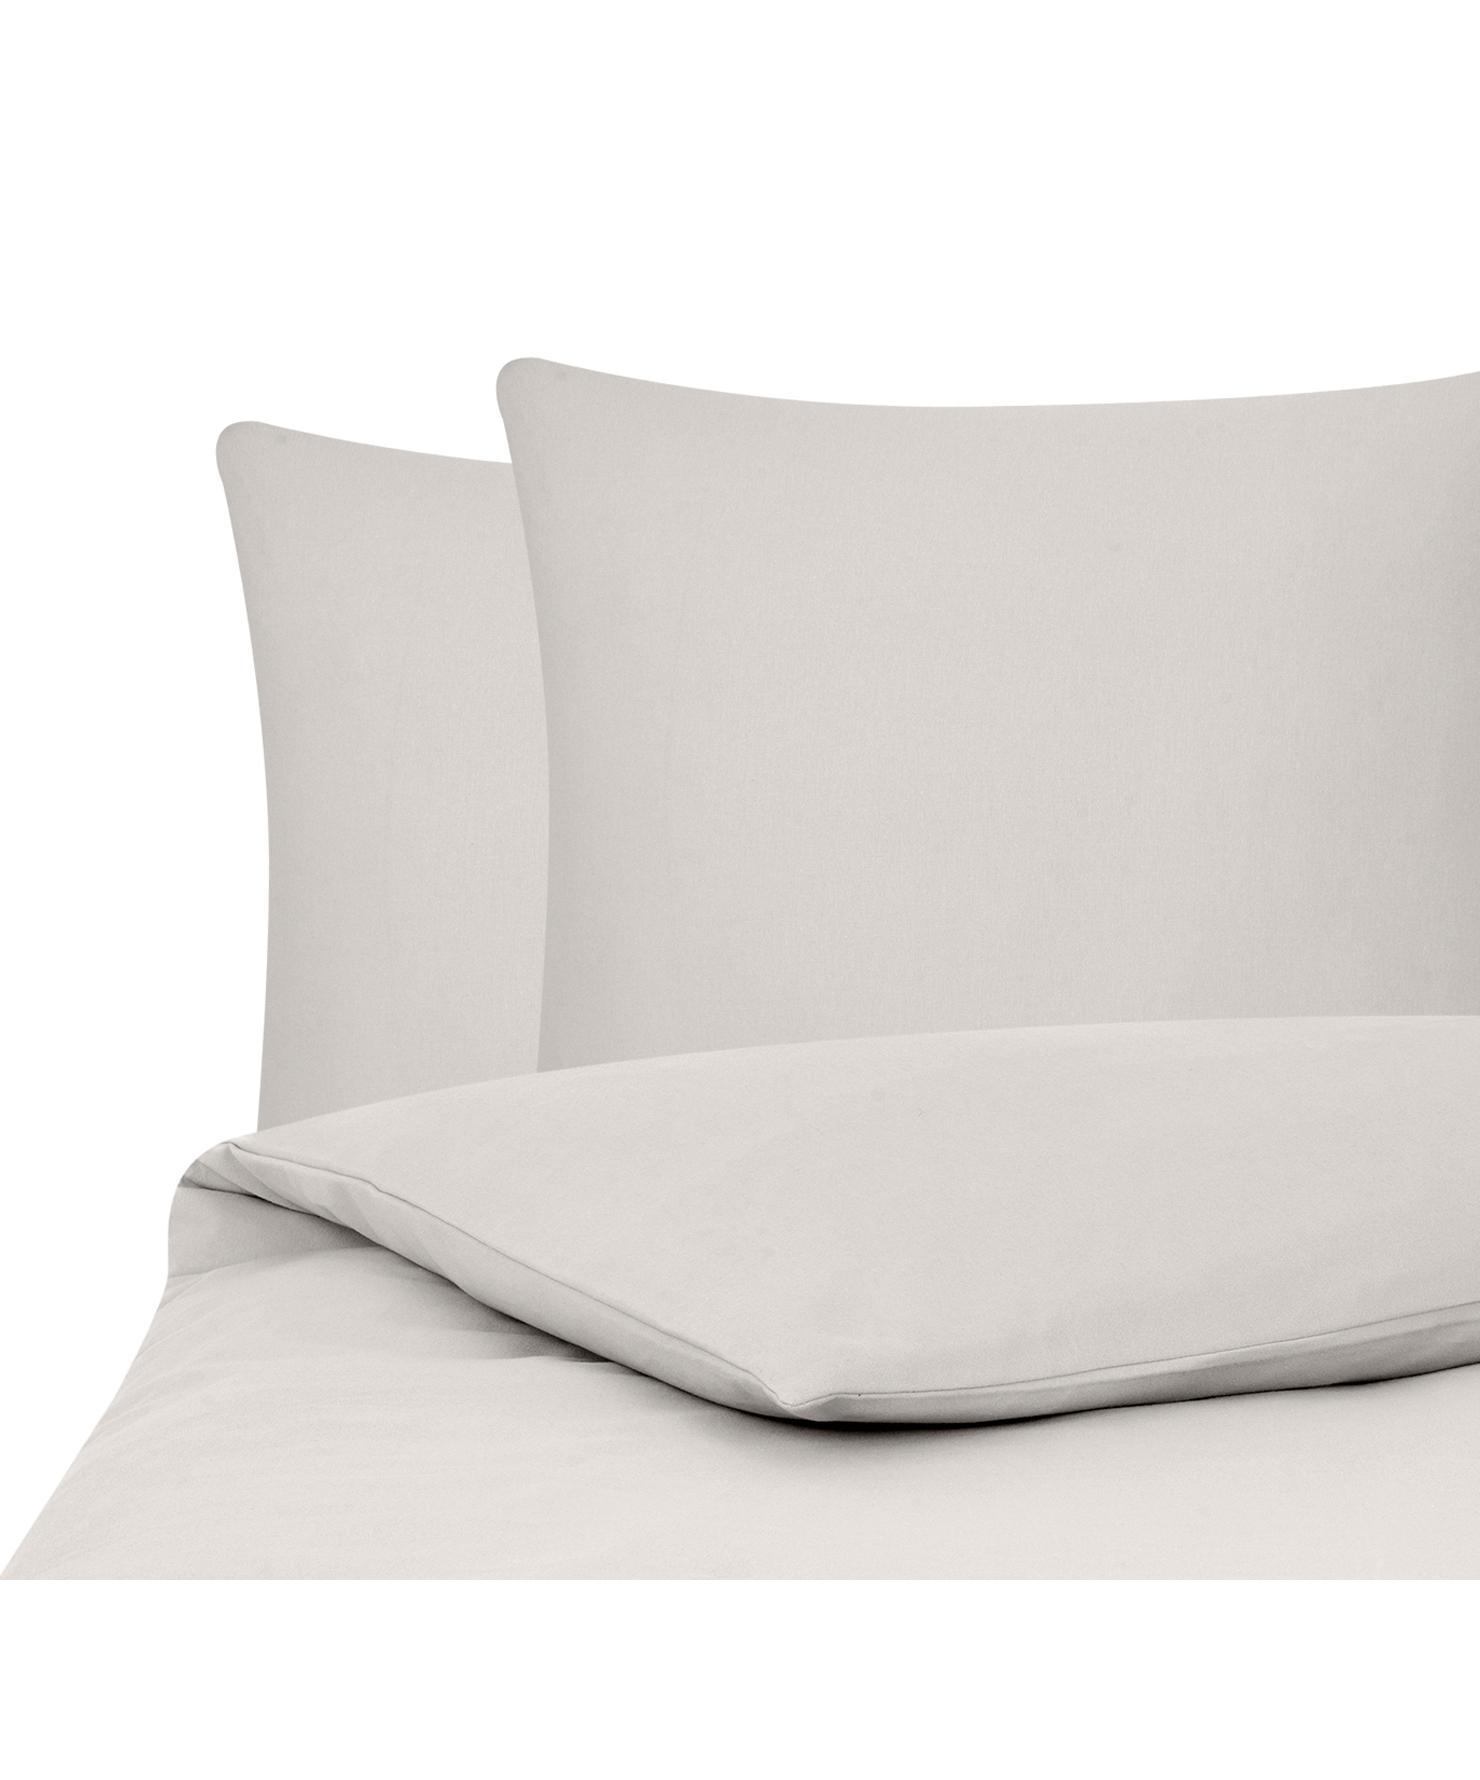 Flanell-Bettwäsche Biba in Beige, Webart: Flanell Flanell ist ein s, Taupe, 200 x 200 cm + 2 Kissen 80 x 80 cm